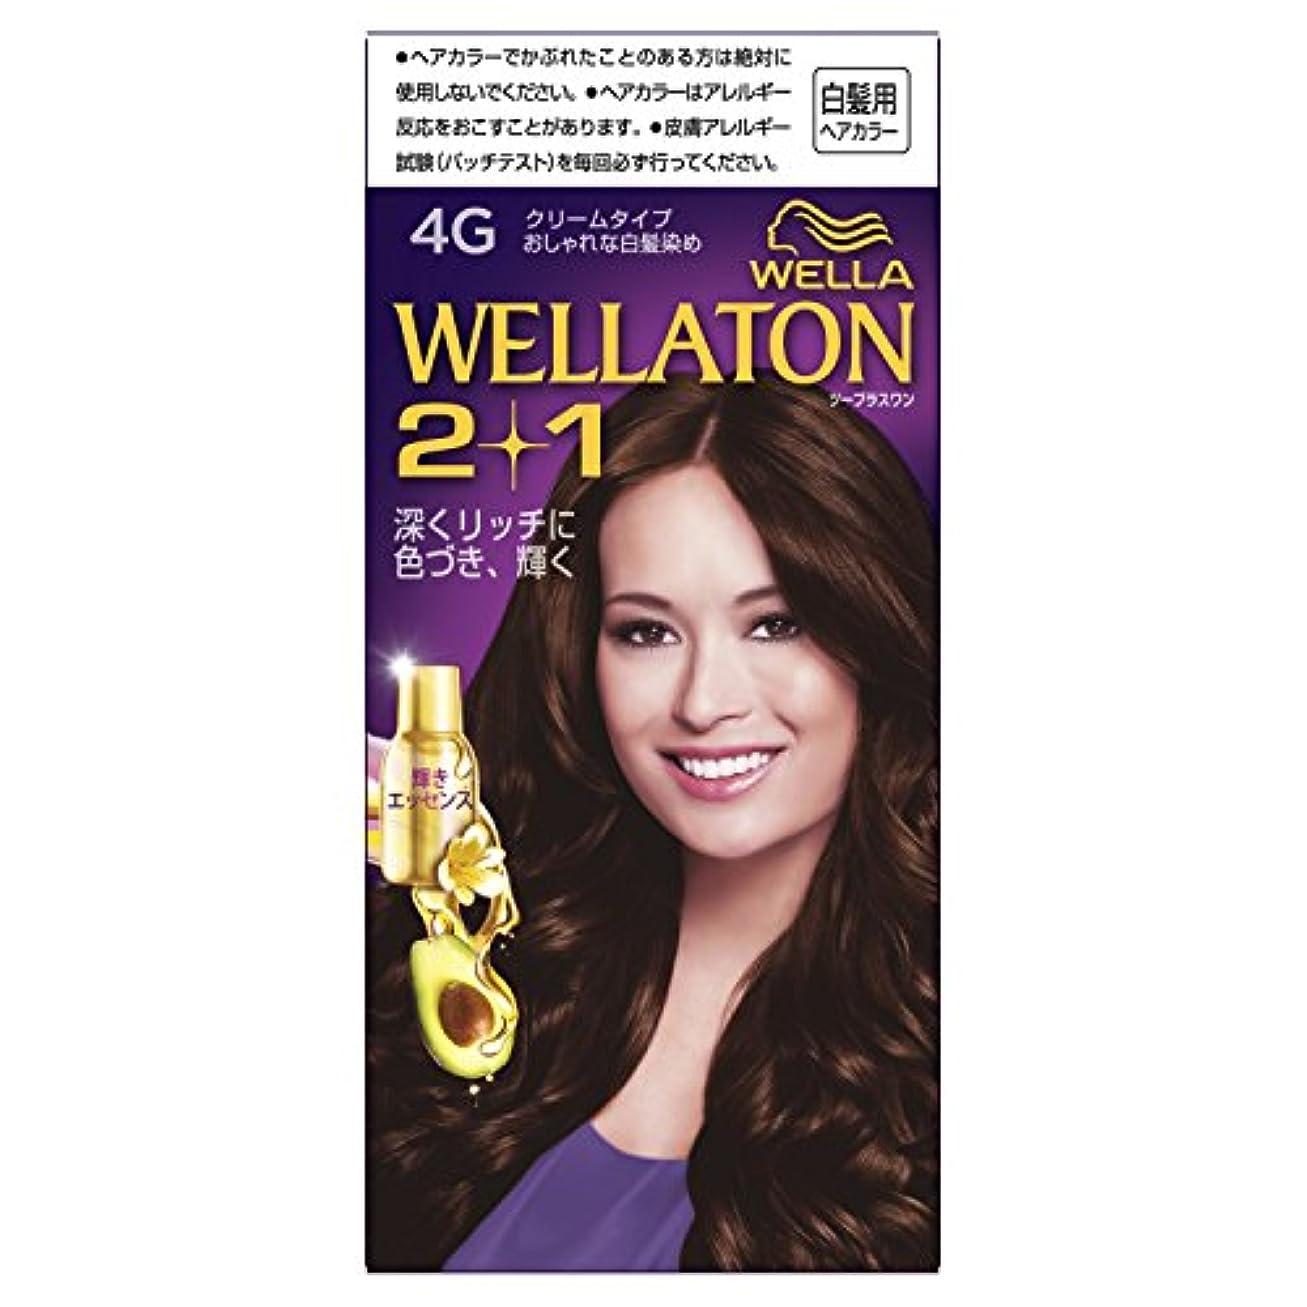 負担バリケード害ウエラトーン2+1 クリームタイプ 4G[医薬部外品](おしゃれな白髪染め)